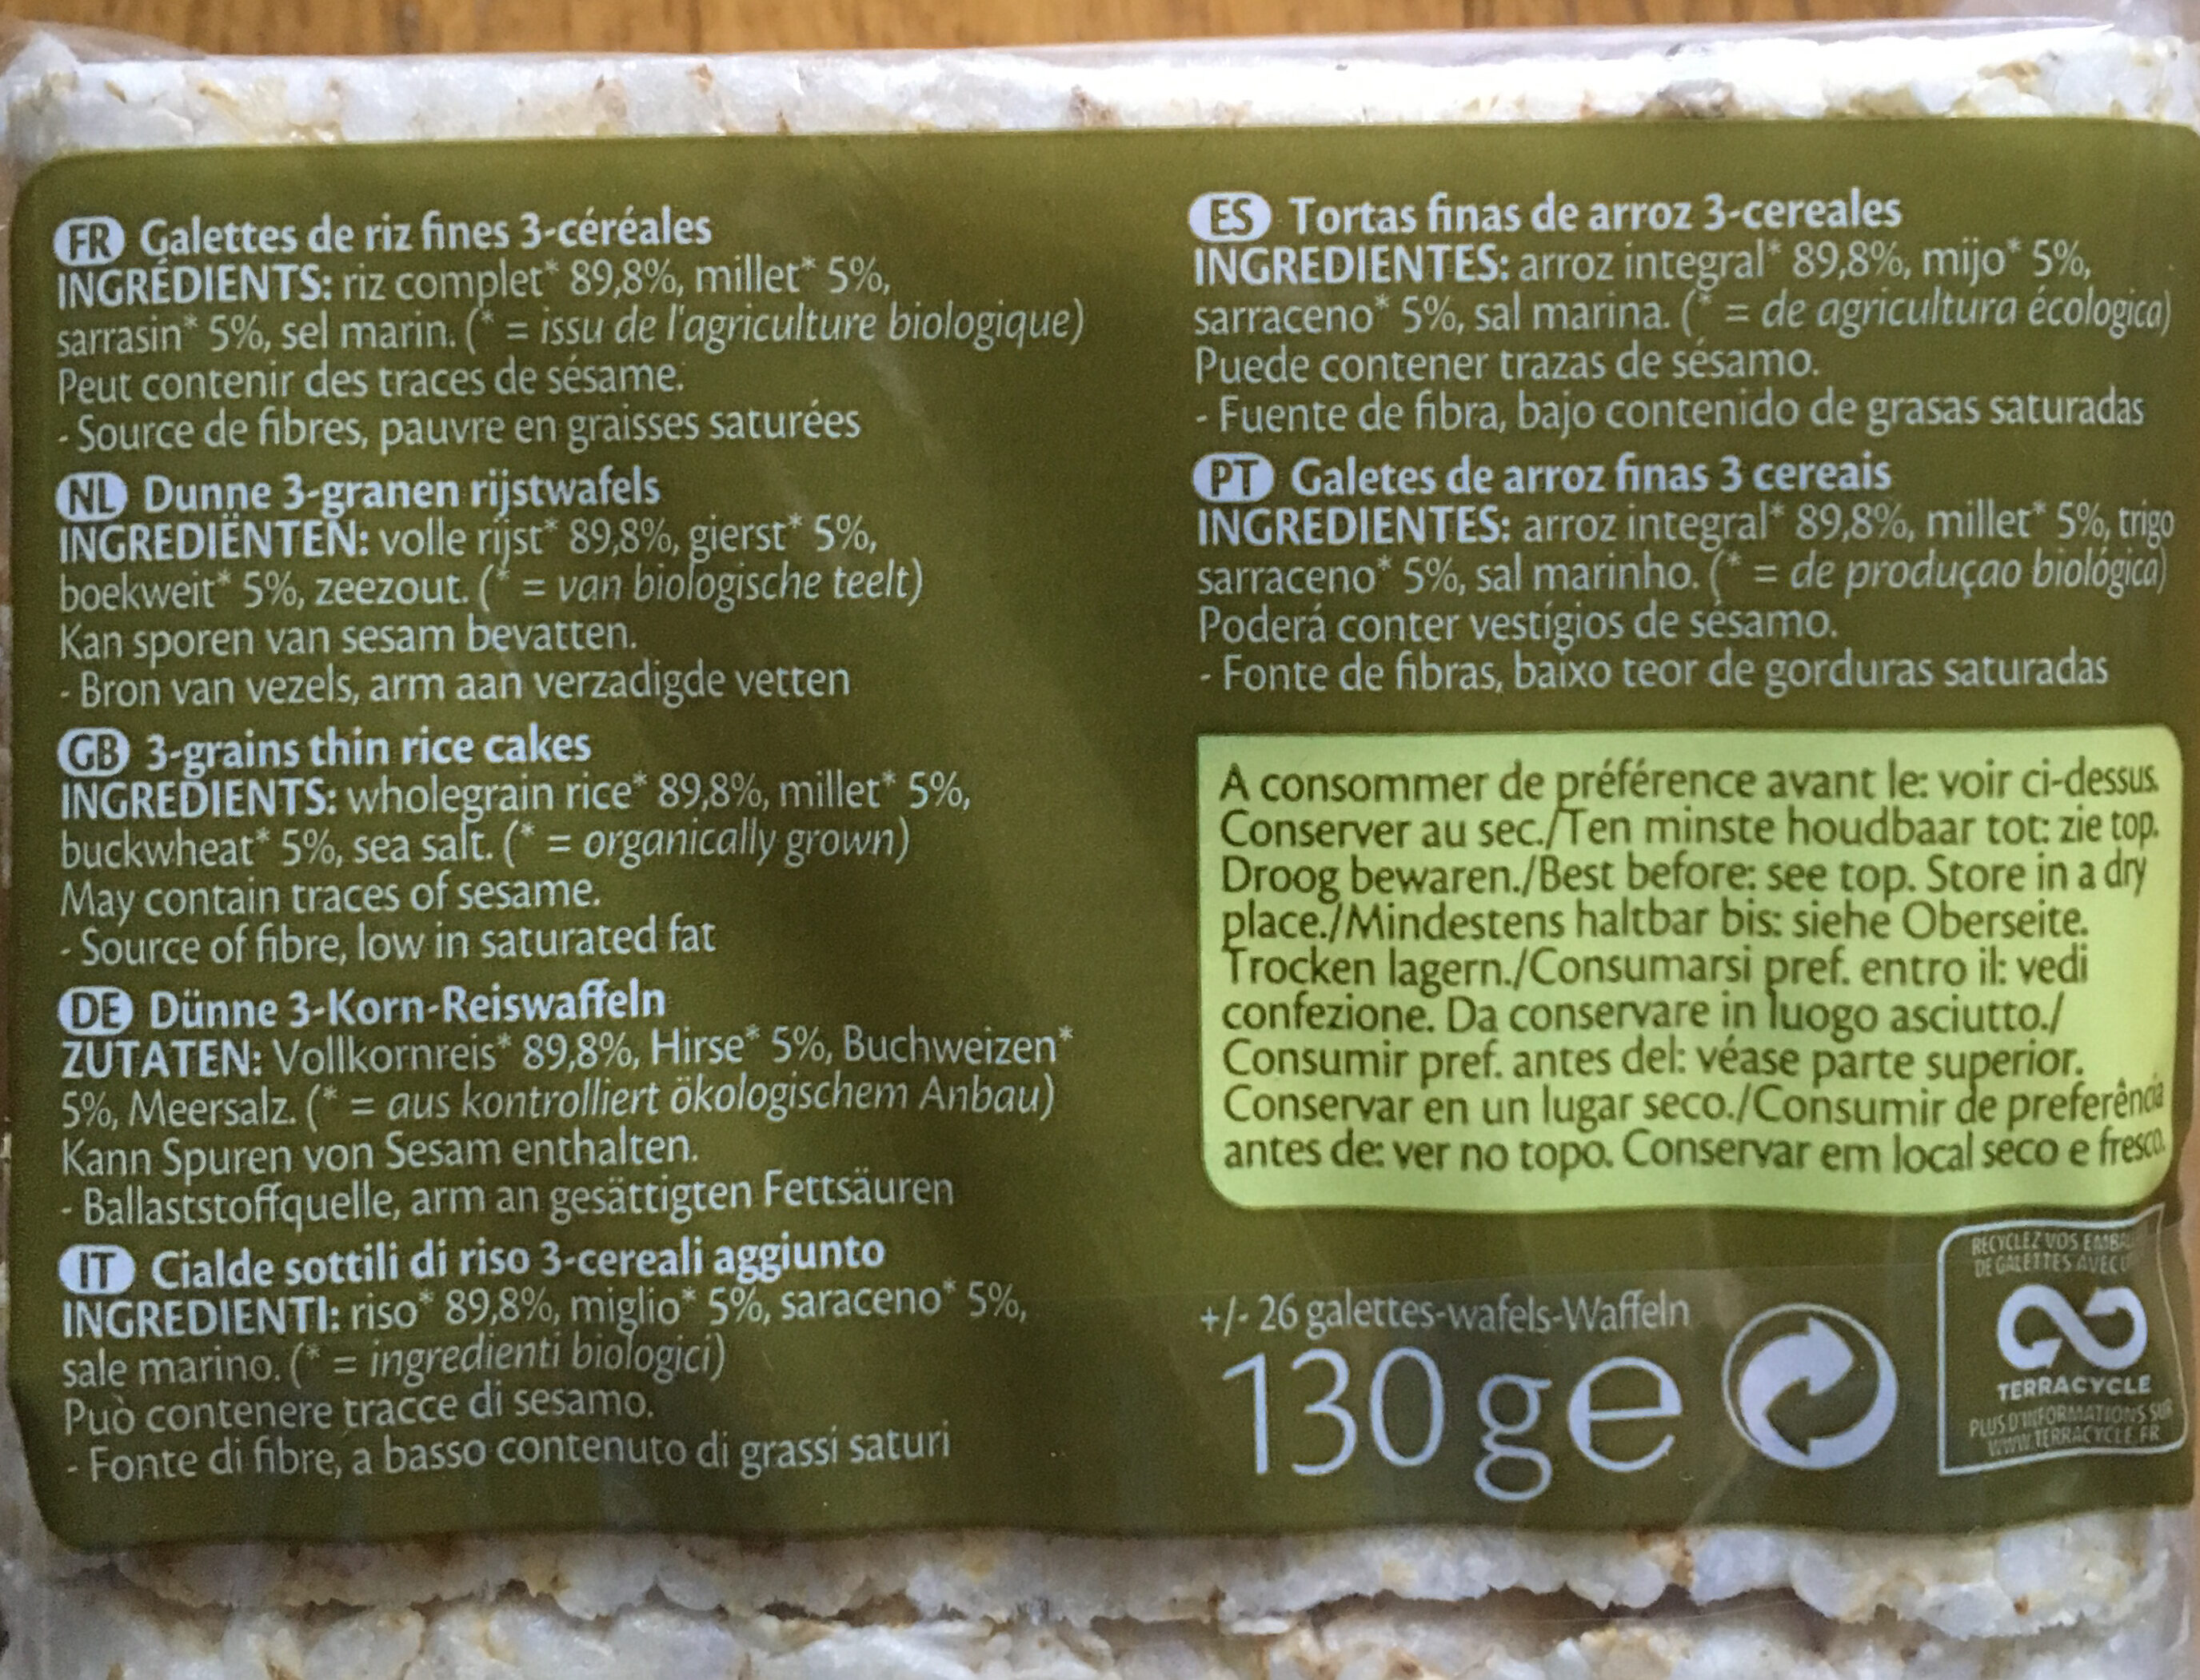 Rice 3-Grains - Galettes de riz fines - Ingrédients - fr